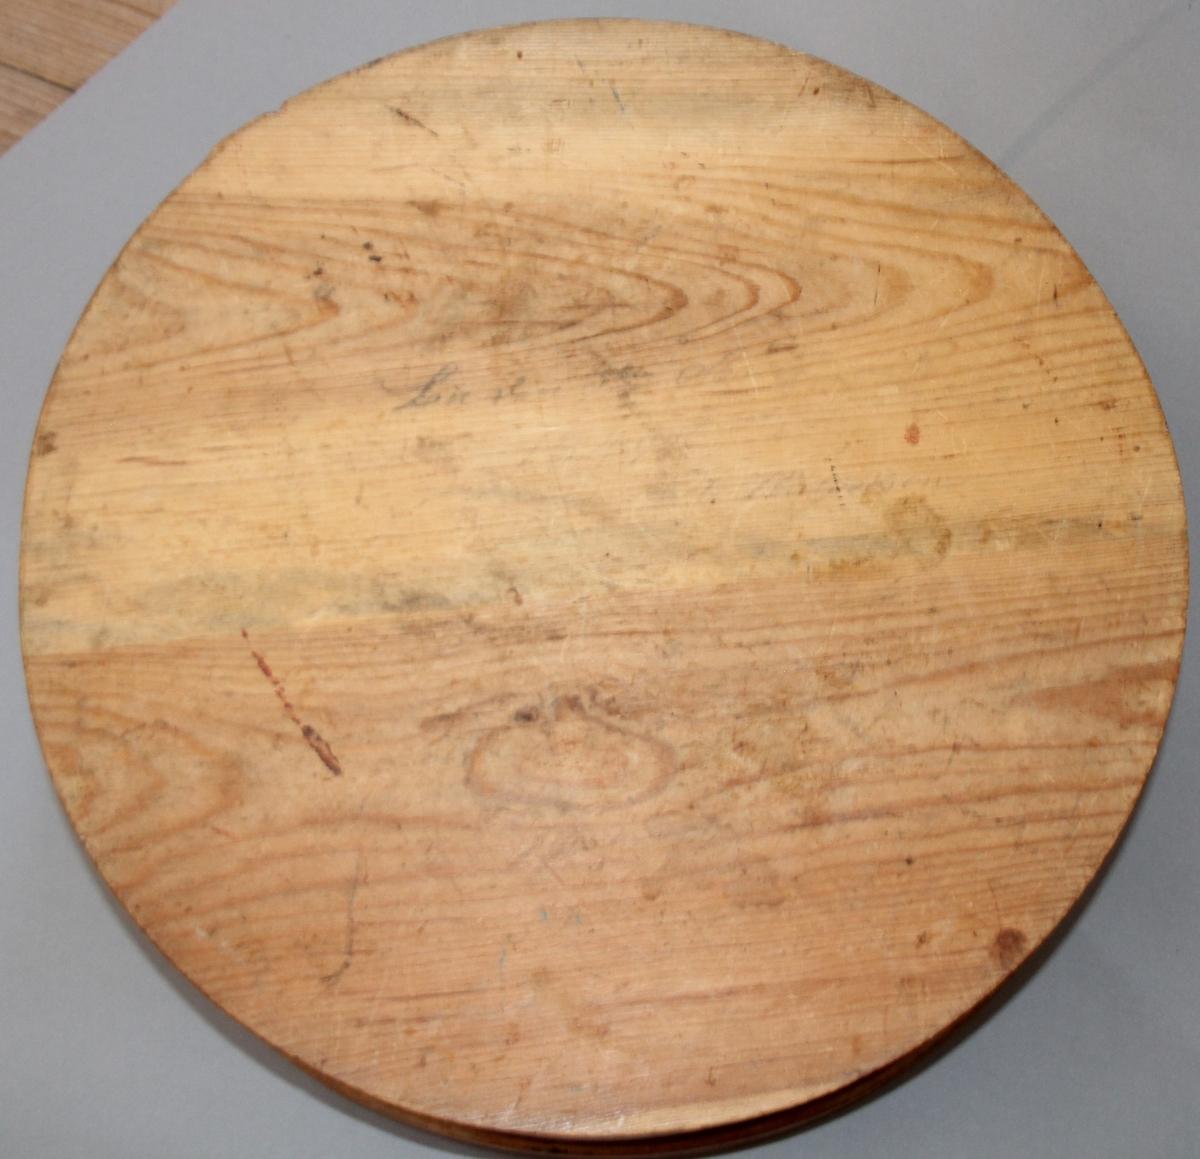 Rund ask med lok. Sveipa. Ådringsmåla. Loket har ein kant som går utanpå sjølve asken. Utydleg blyantskrift under botn.